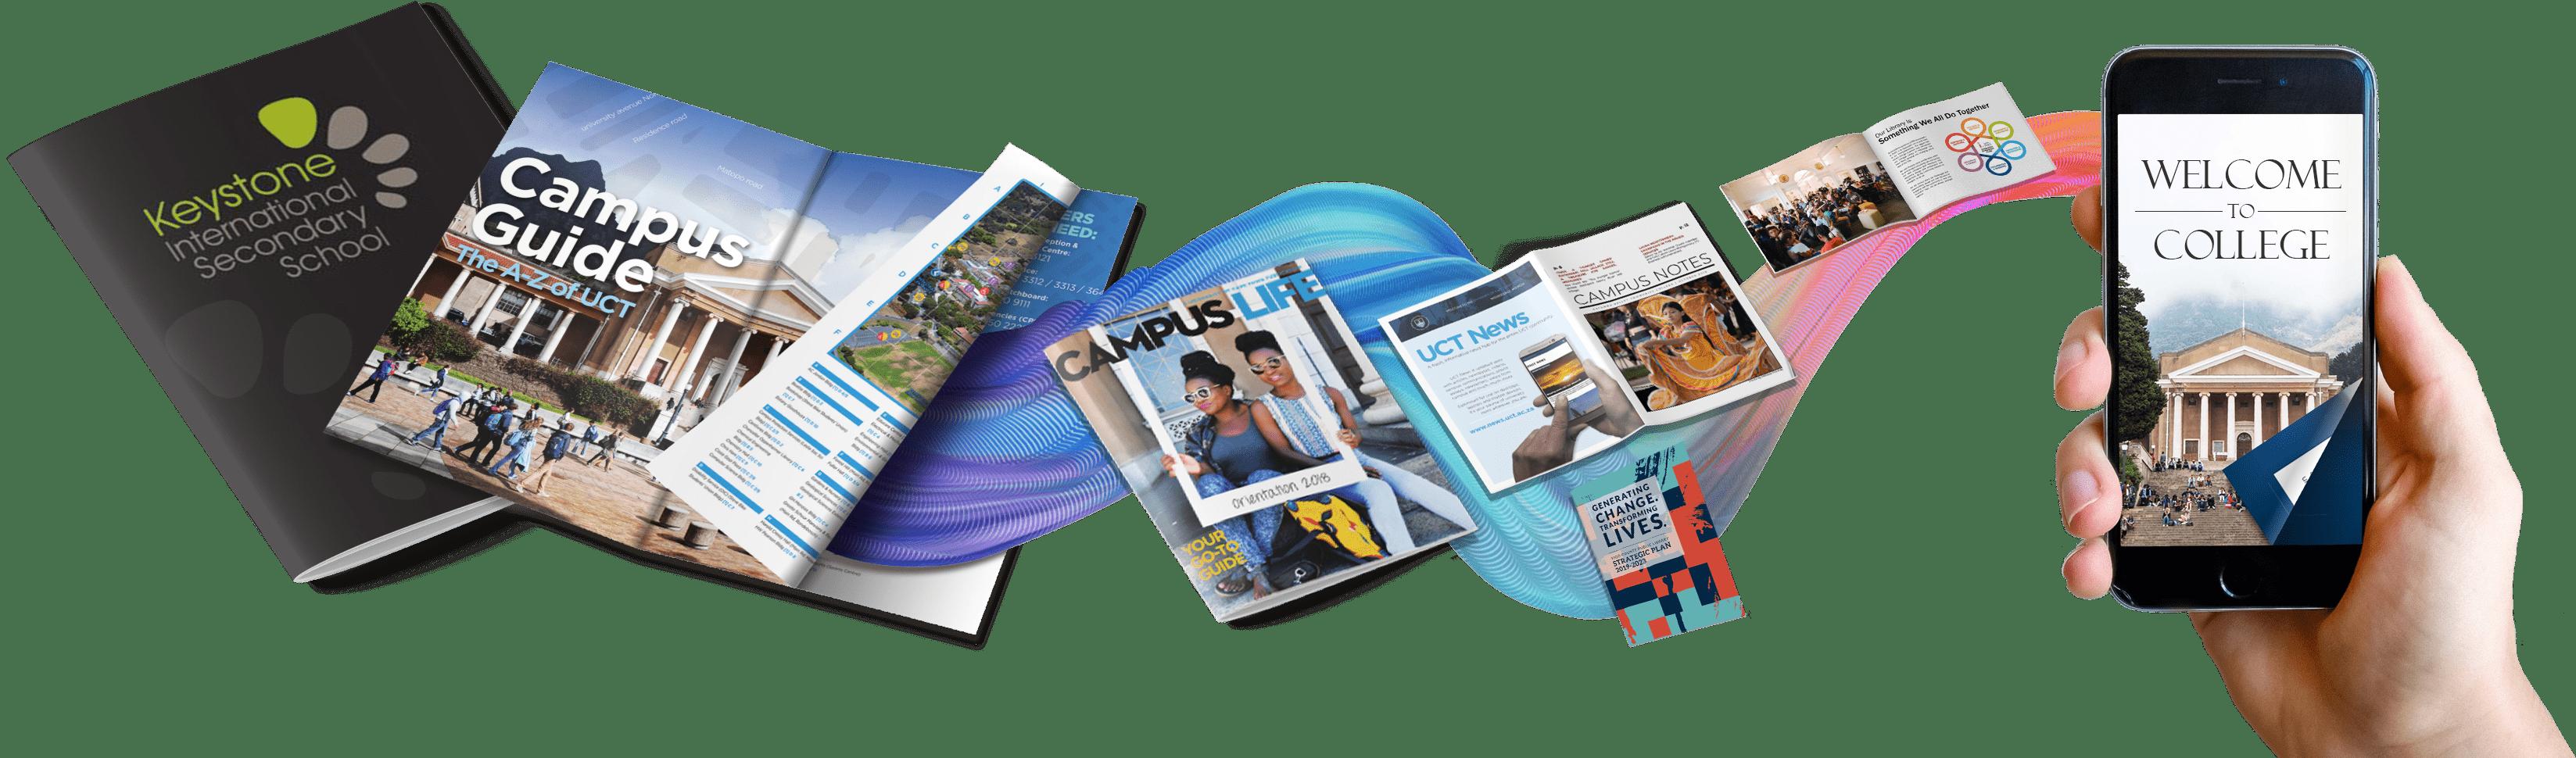 School brochures graphic